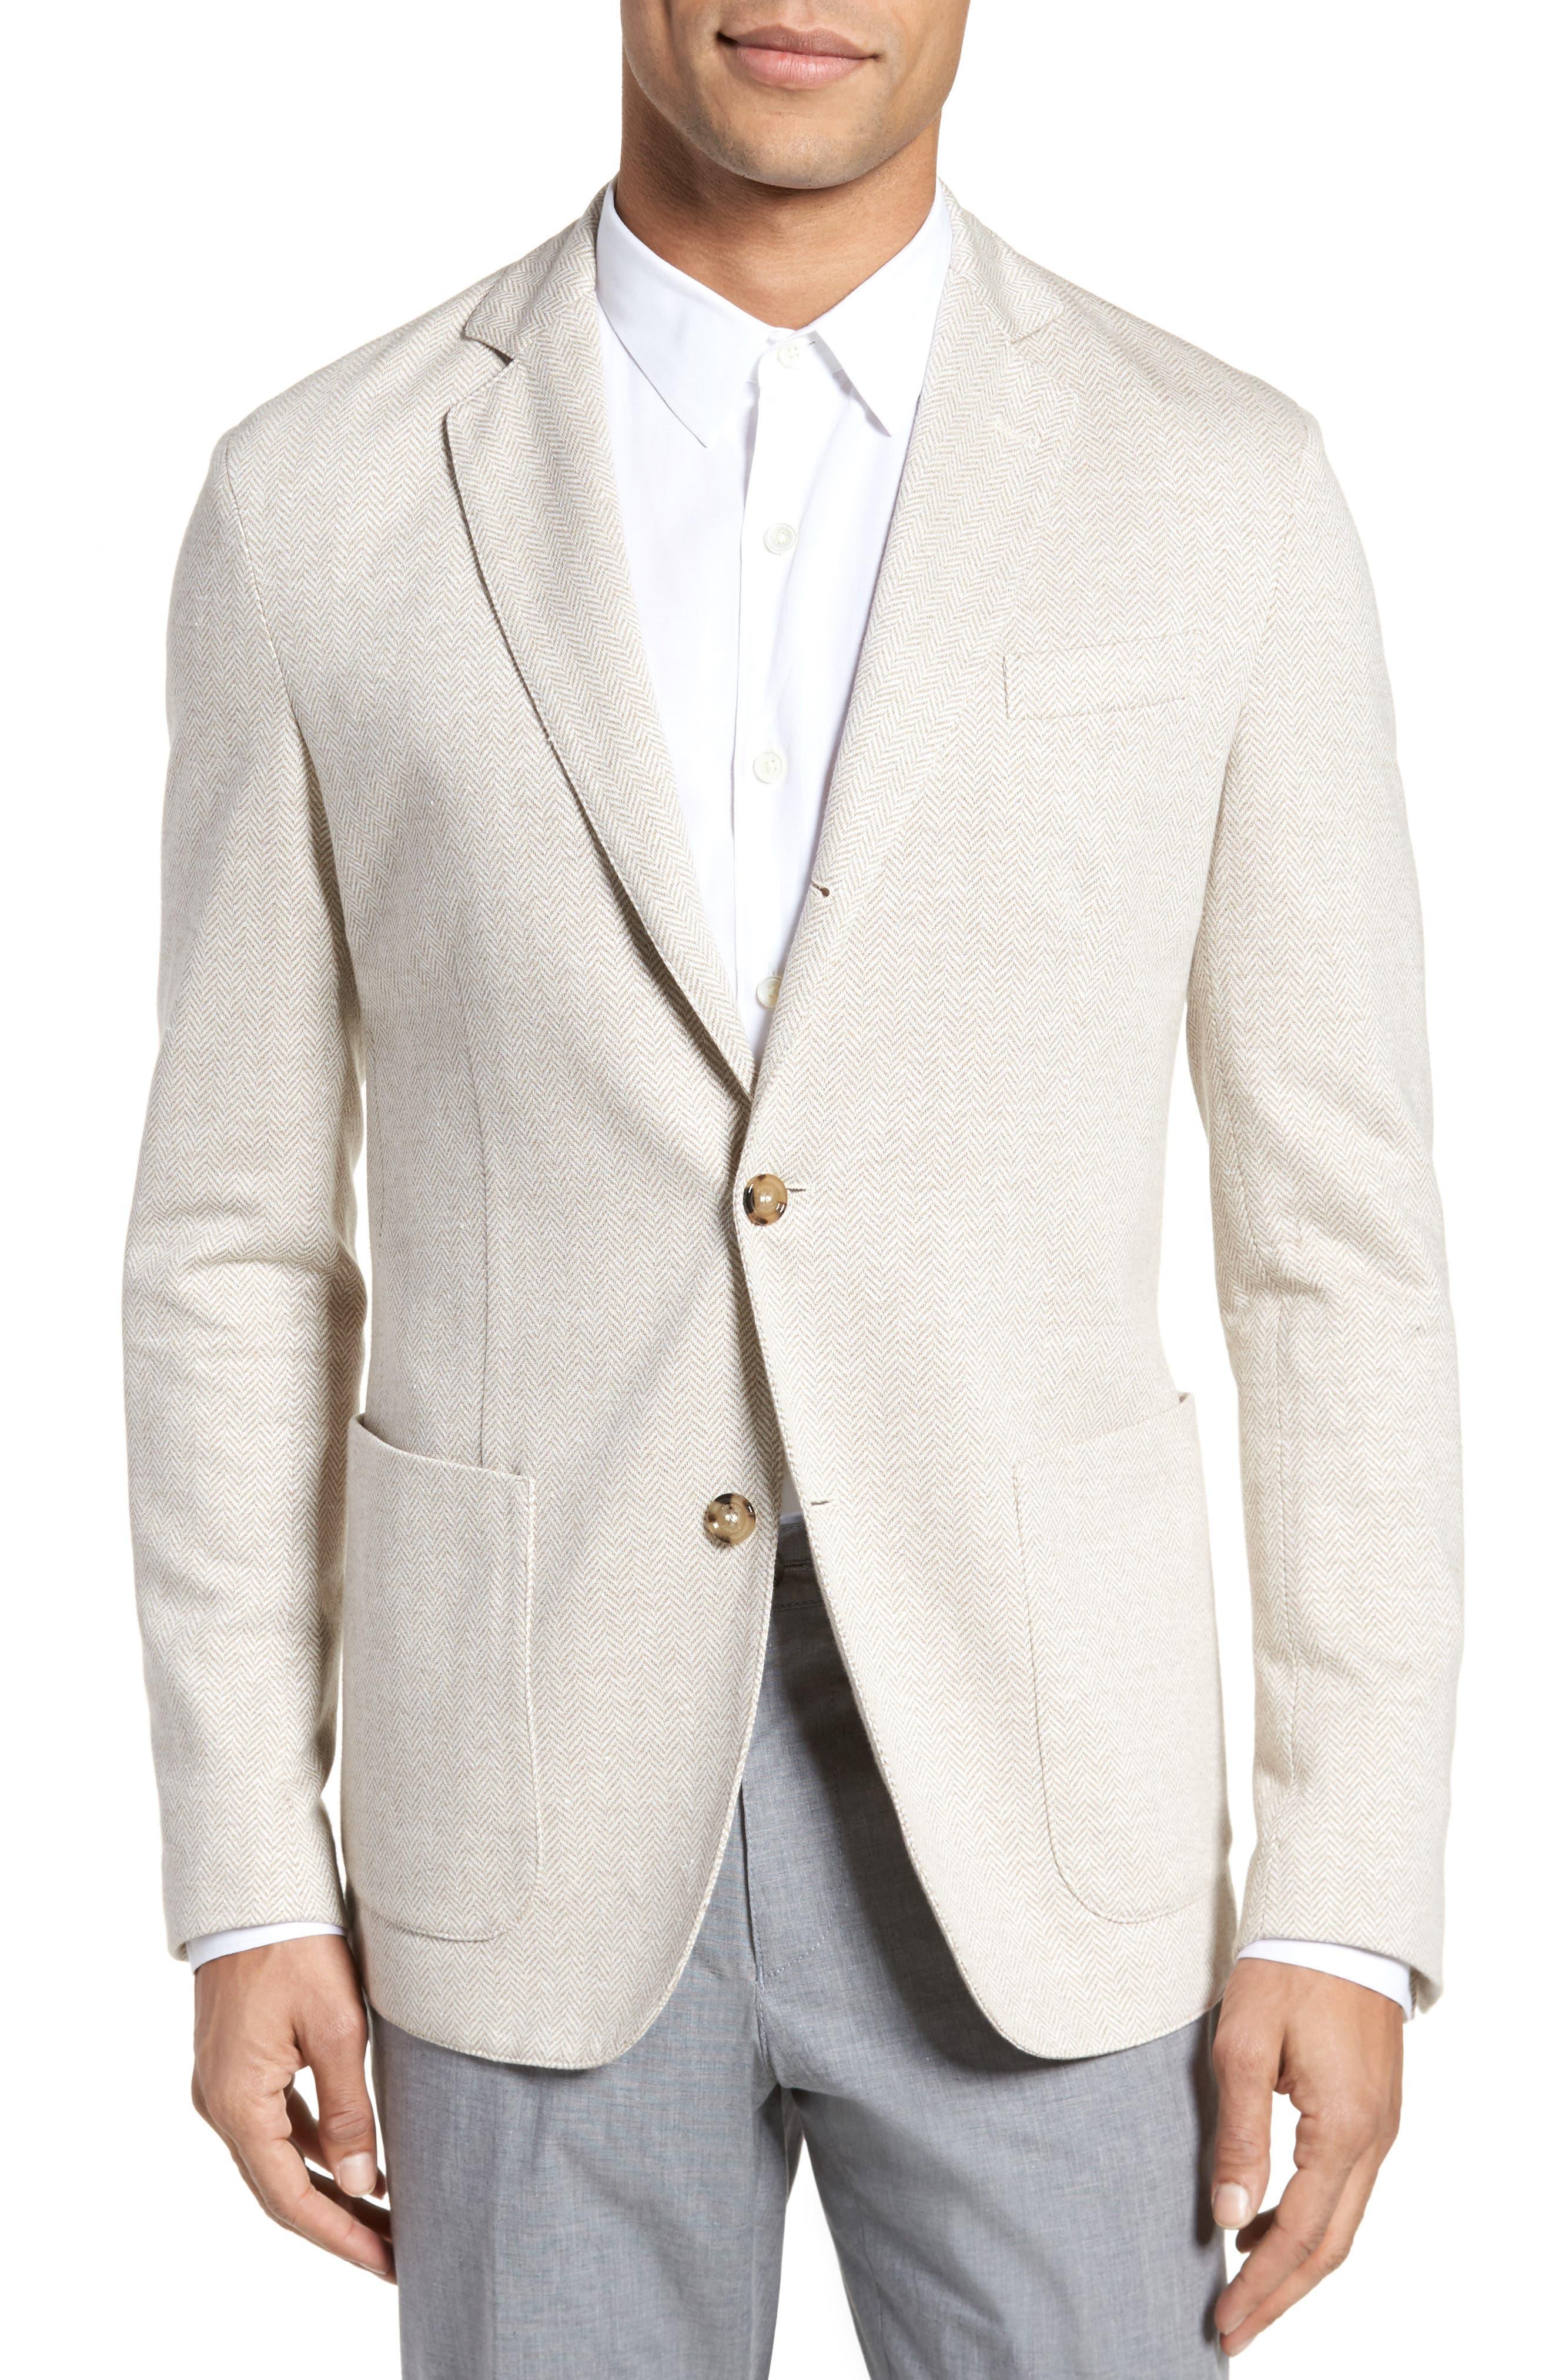 Trim Fit Herringbone Linen & Cotton Jacket,                             Main thumbnail 1, color,                             231